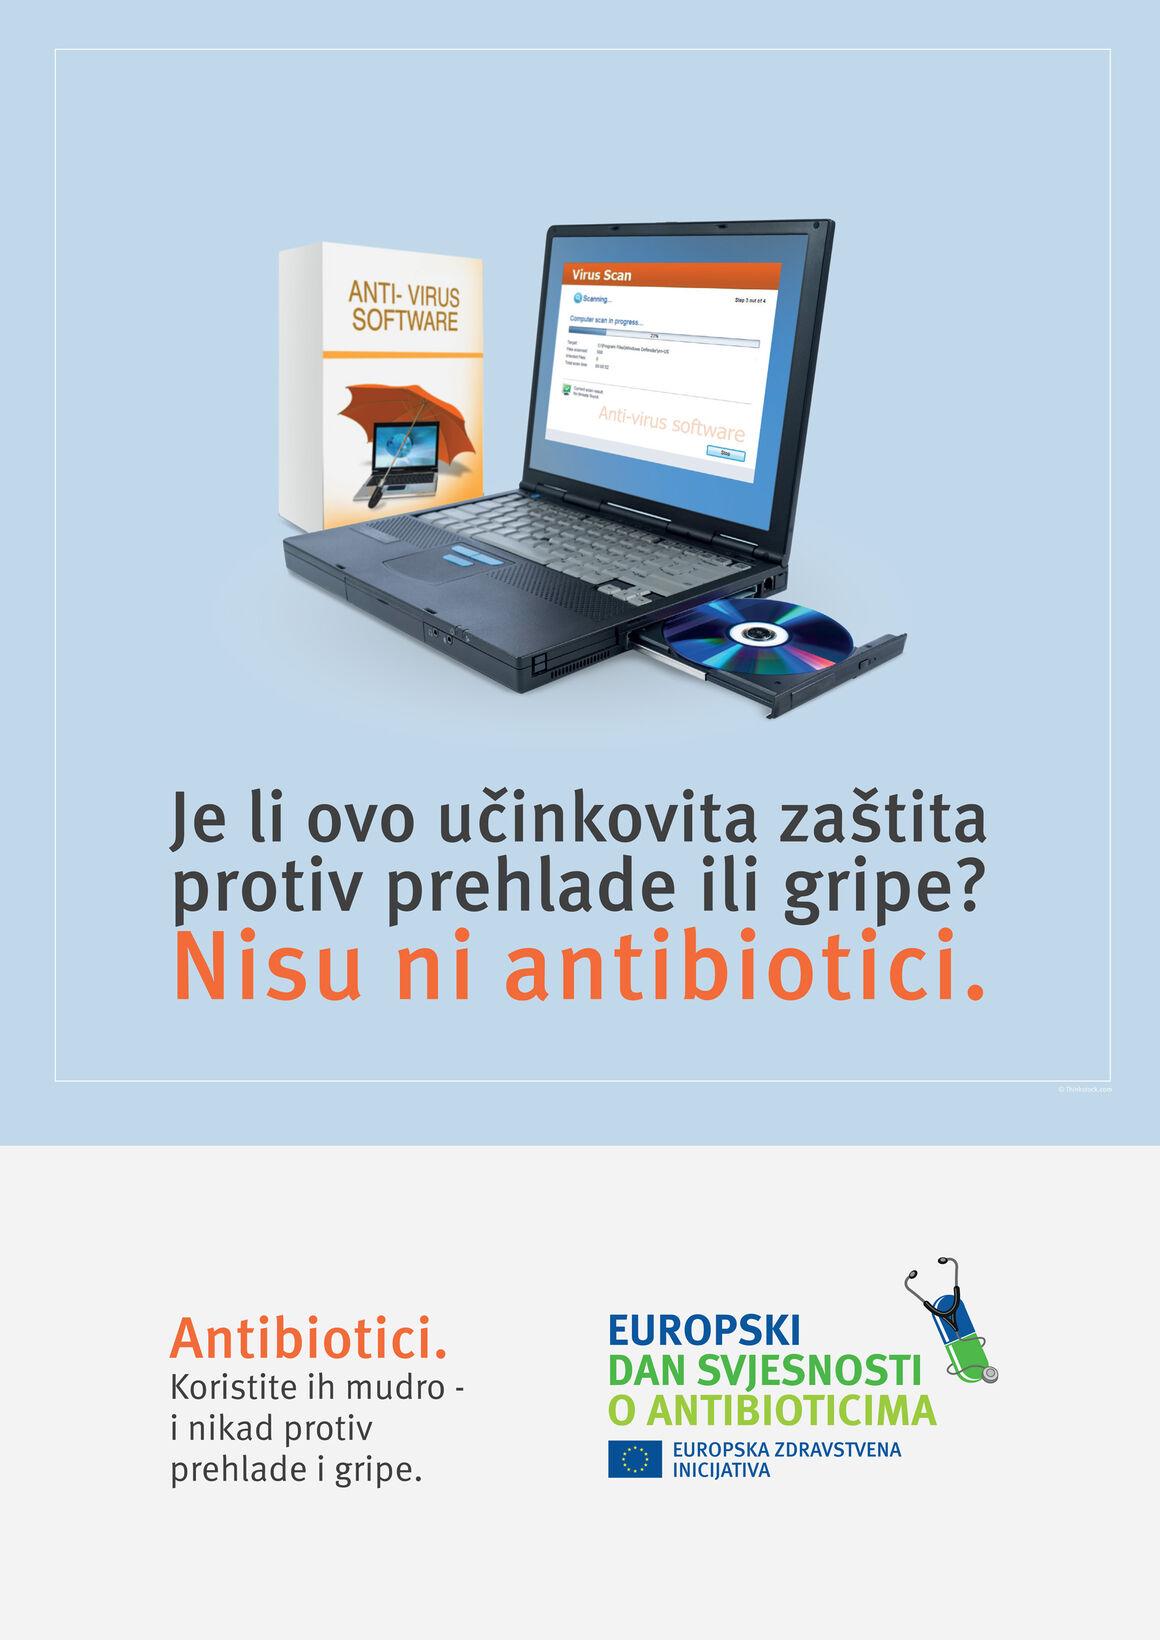 Plakati: Je li ovo učinkovita zaštita protiv prehlade ili gripe? Nisu ni antibiotici.